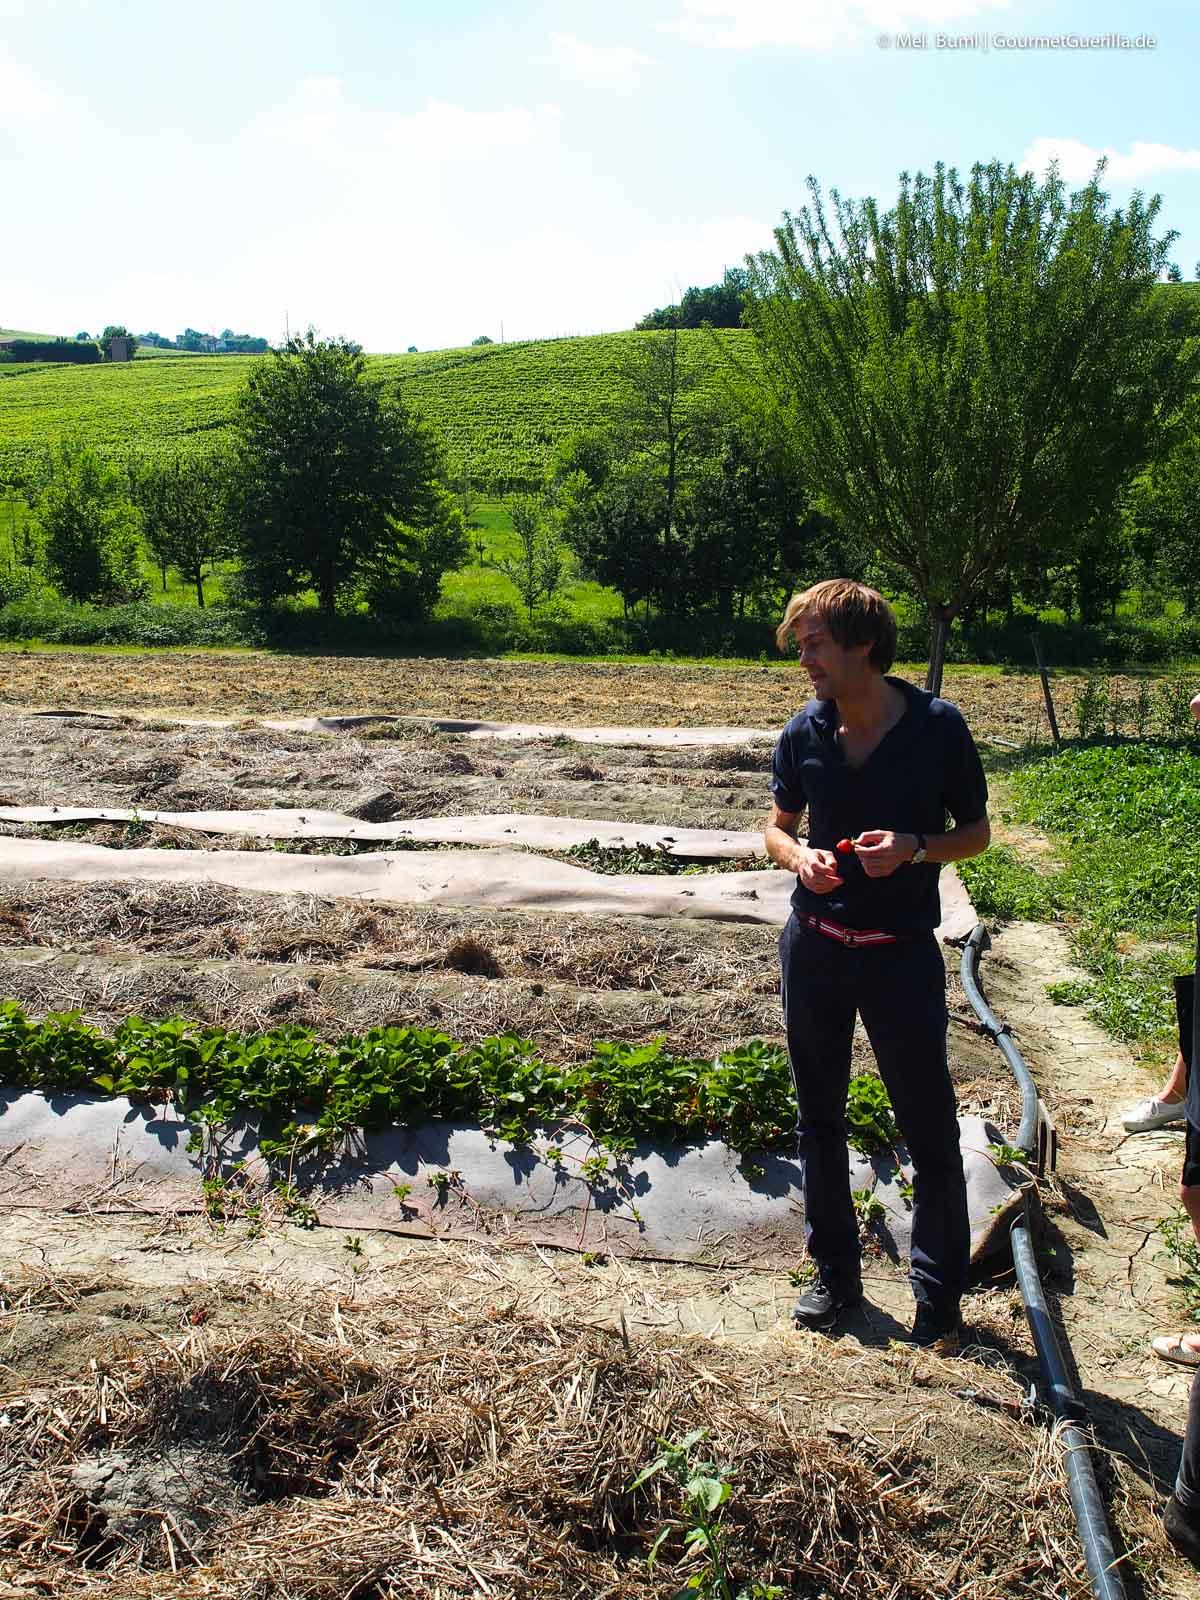 Grom - italiensiches Slow Food Eis aus Turin mit eigener Bio-Plantage |GourmetGuerilla.de